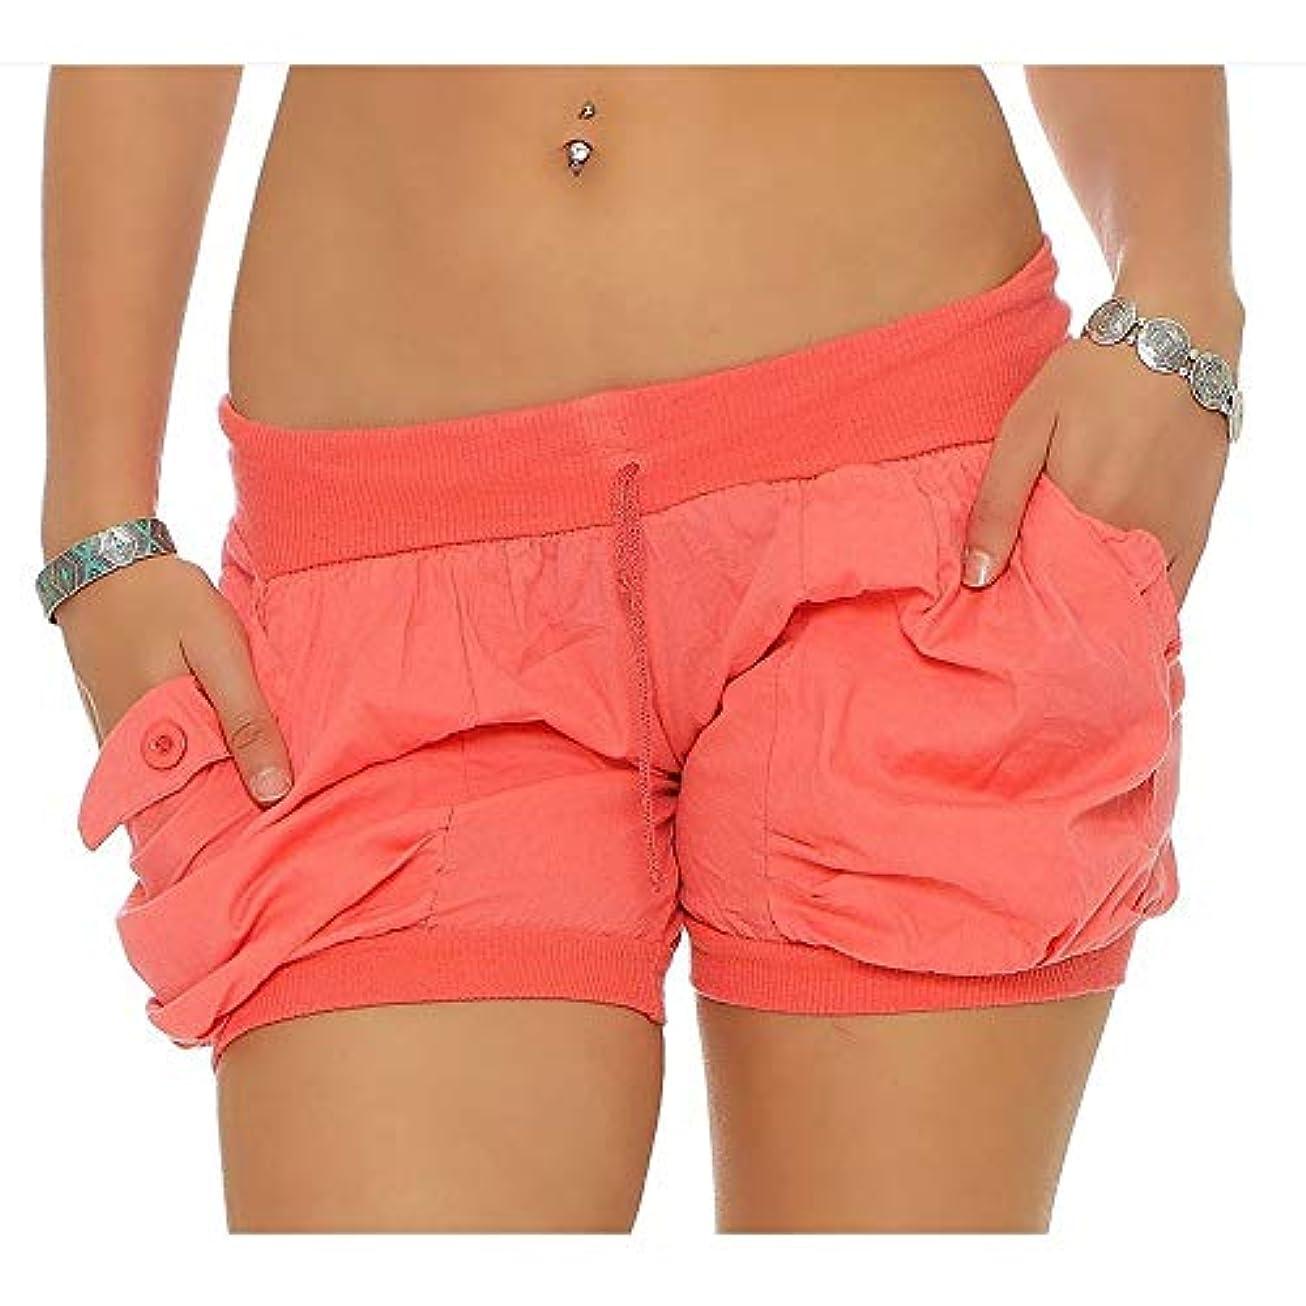 迷惑賛美歌弾丸MIFAN ショートパンツ、女性のショートパンツ、無地、ビーチショートパンツ、セクシーなパンツ、カジュアルパンツ、ファッションパンツ